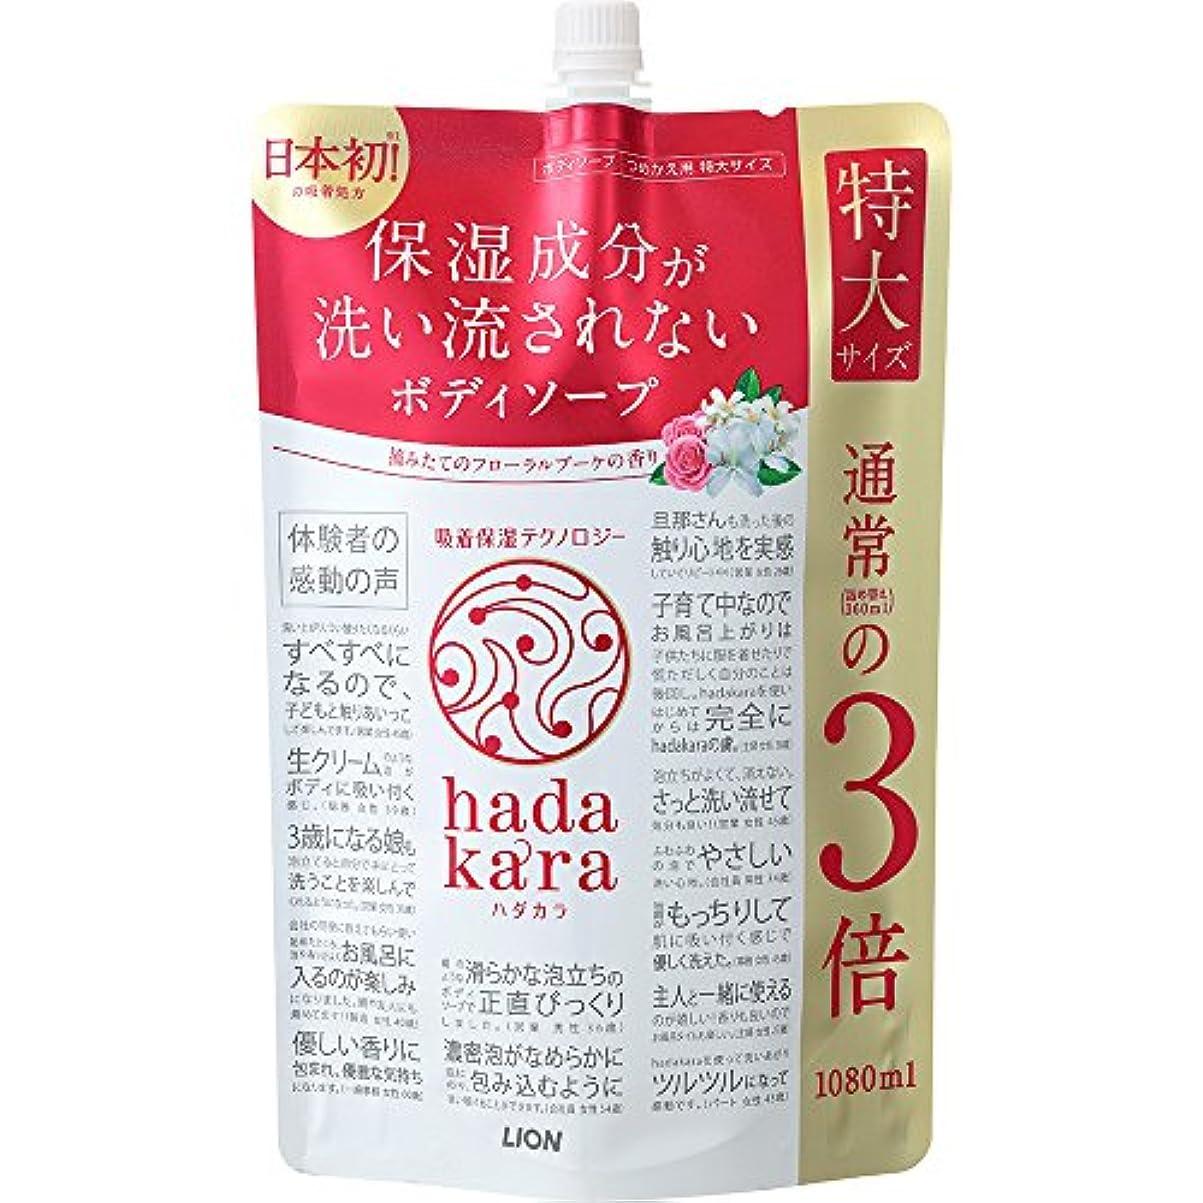 放散する節約虚偽【大容量】hadakara(ハダカラ) ボディソープ フローラルブーケの香り 詰め替え 特大 1080ml